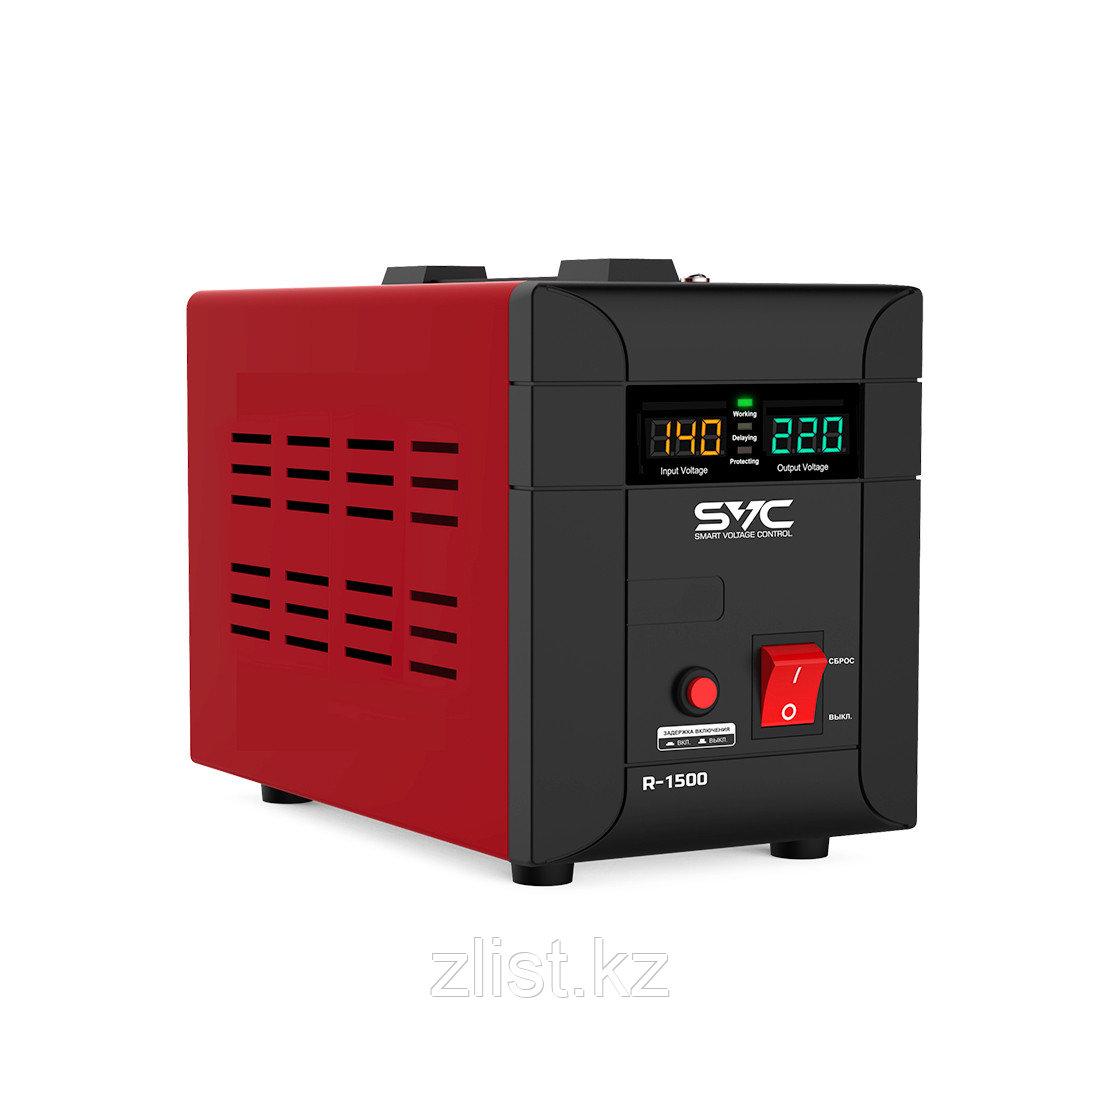 Стабилизатор напряжения для настенного размещения 1500 ватт. Однофазный стабилизатор напряжения.